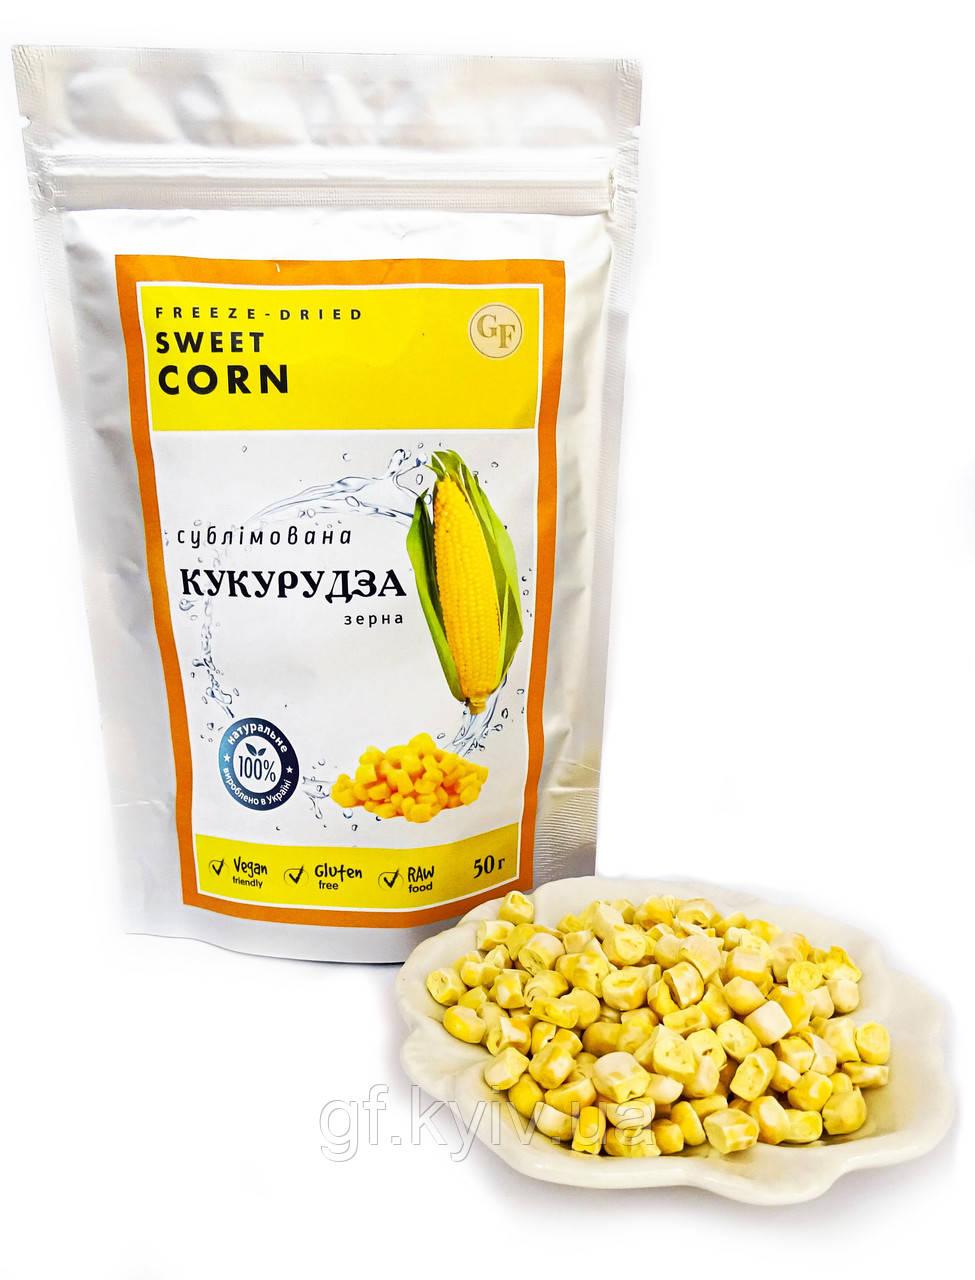 Кукуруза зерна 50г сублимированная натуральная от украинского производителя